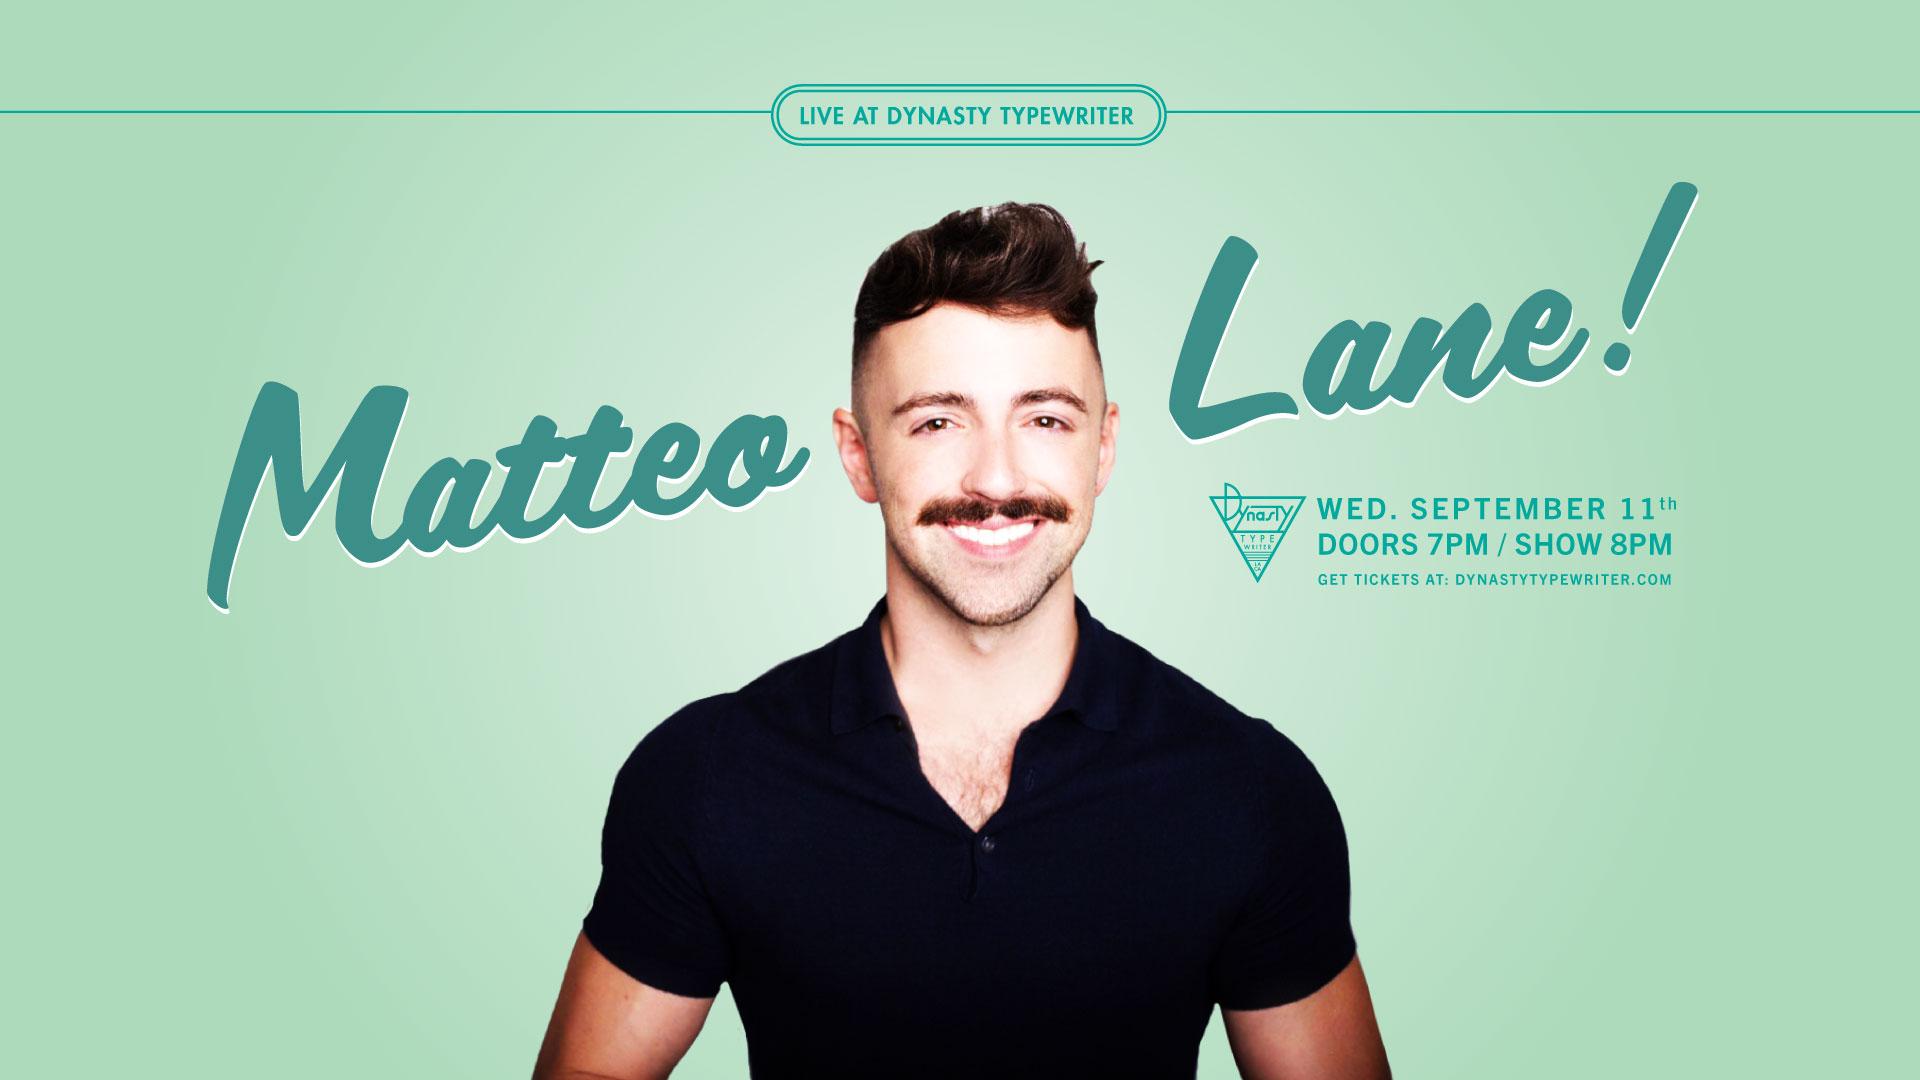 09.11-Mateo-Lane_bn_v2.jpg